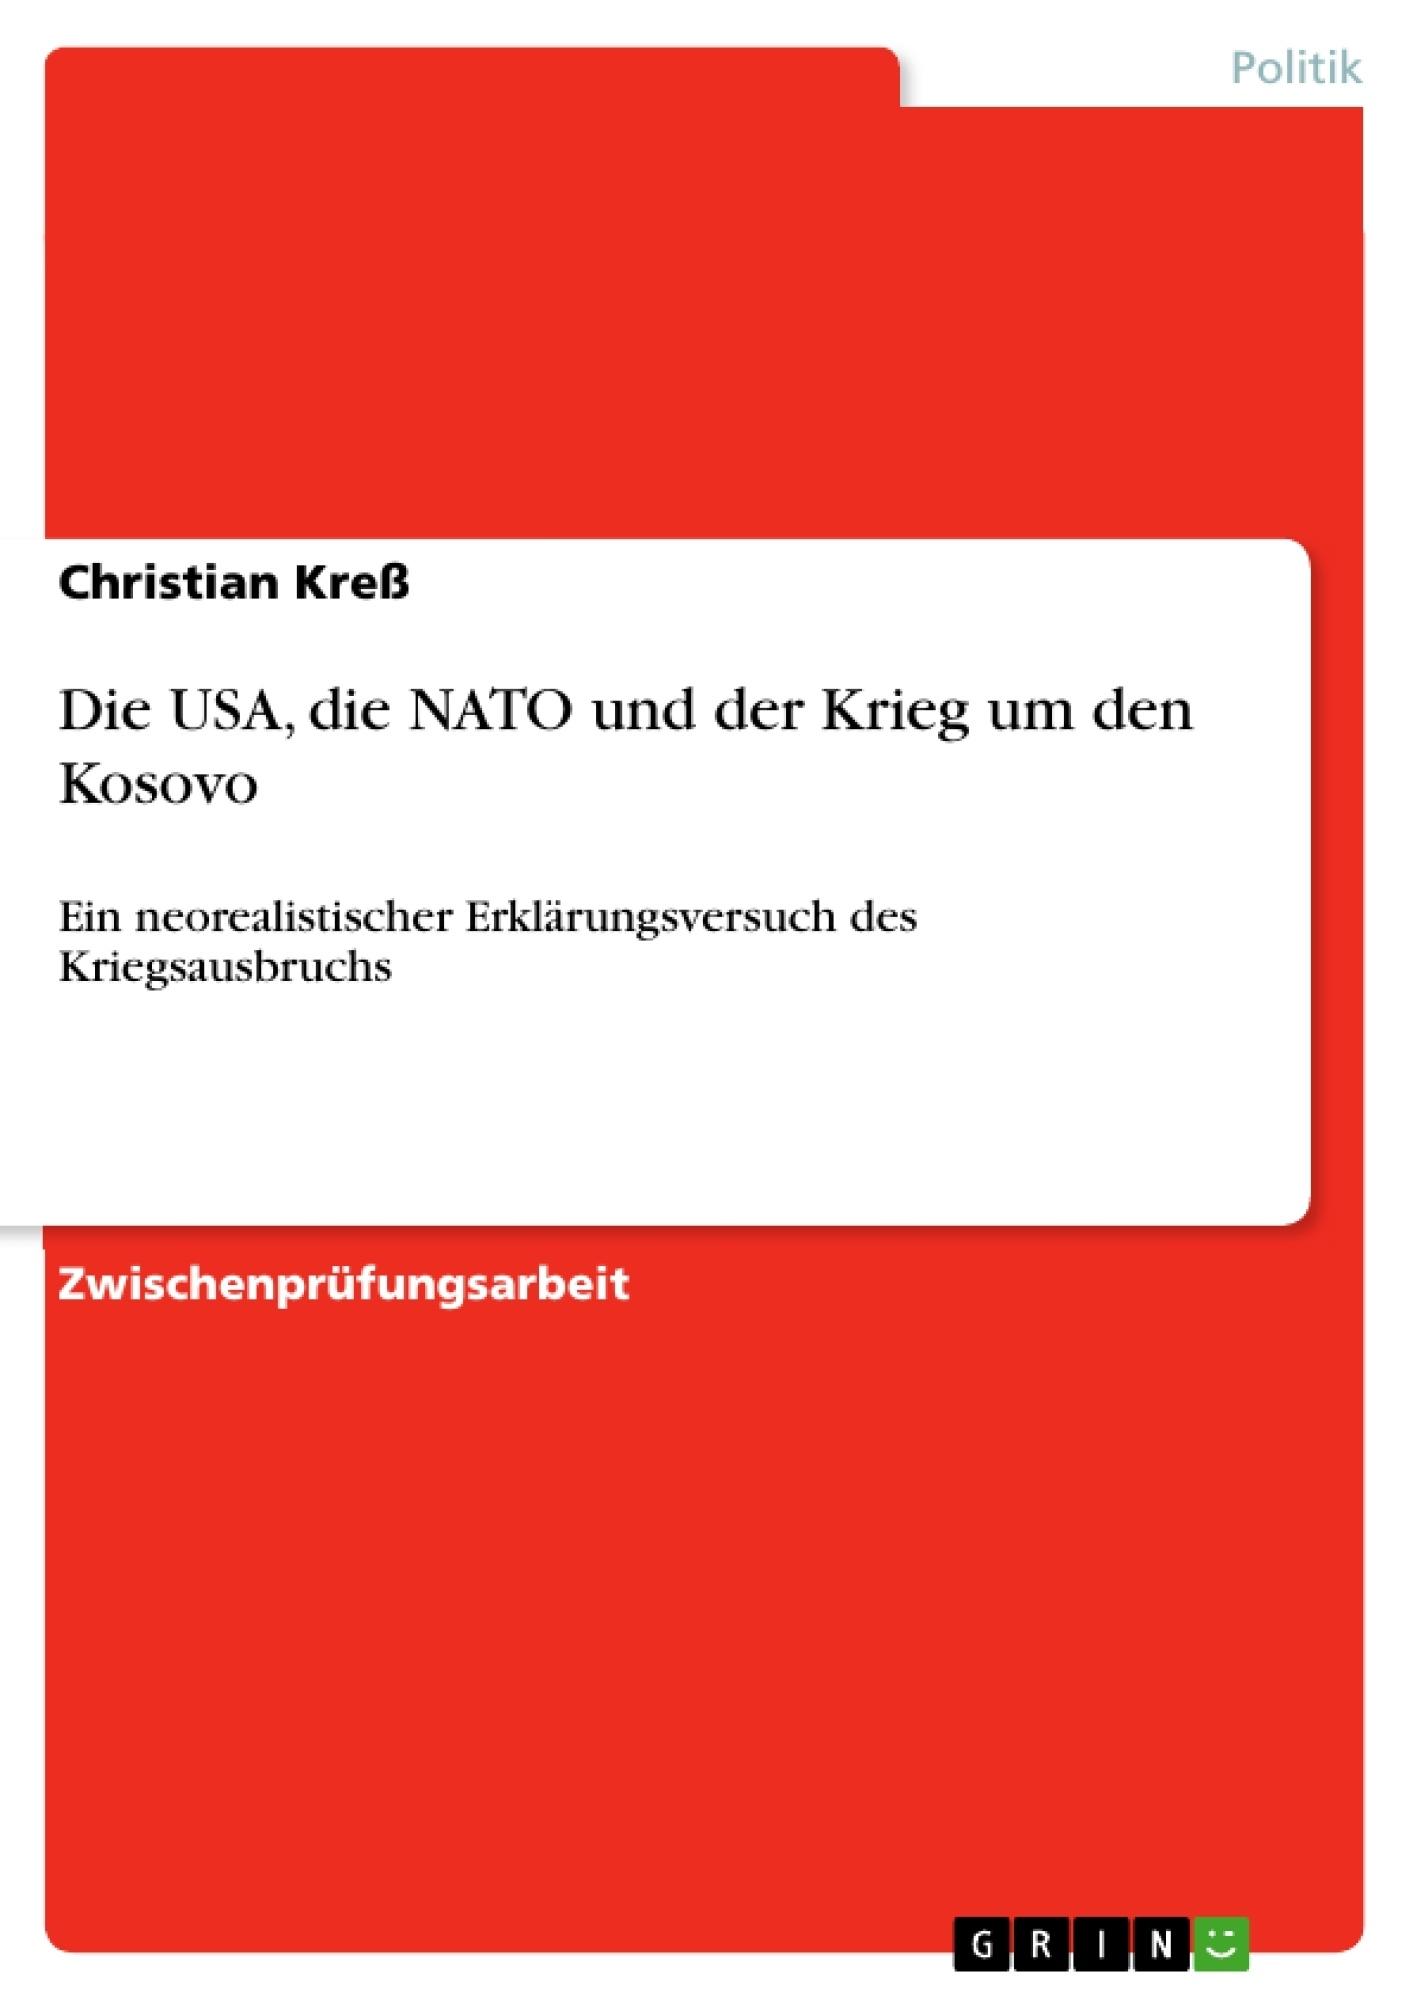 Titel: Die USA, die NATO und der Krieg um den Kosovo